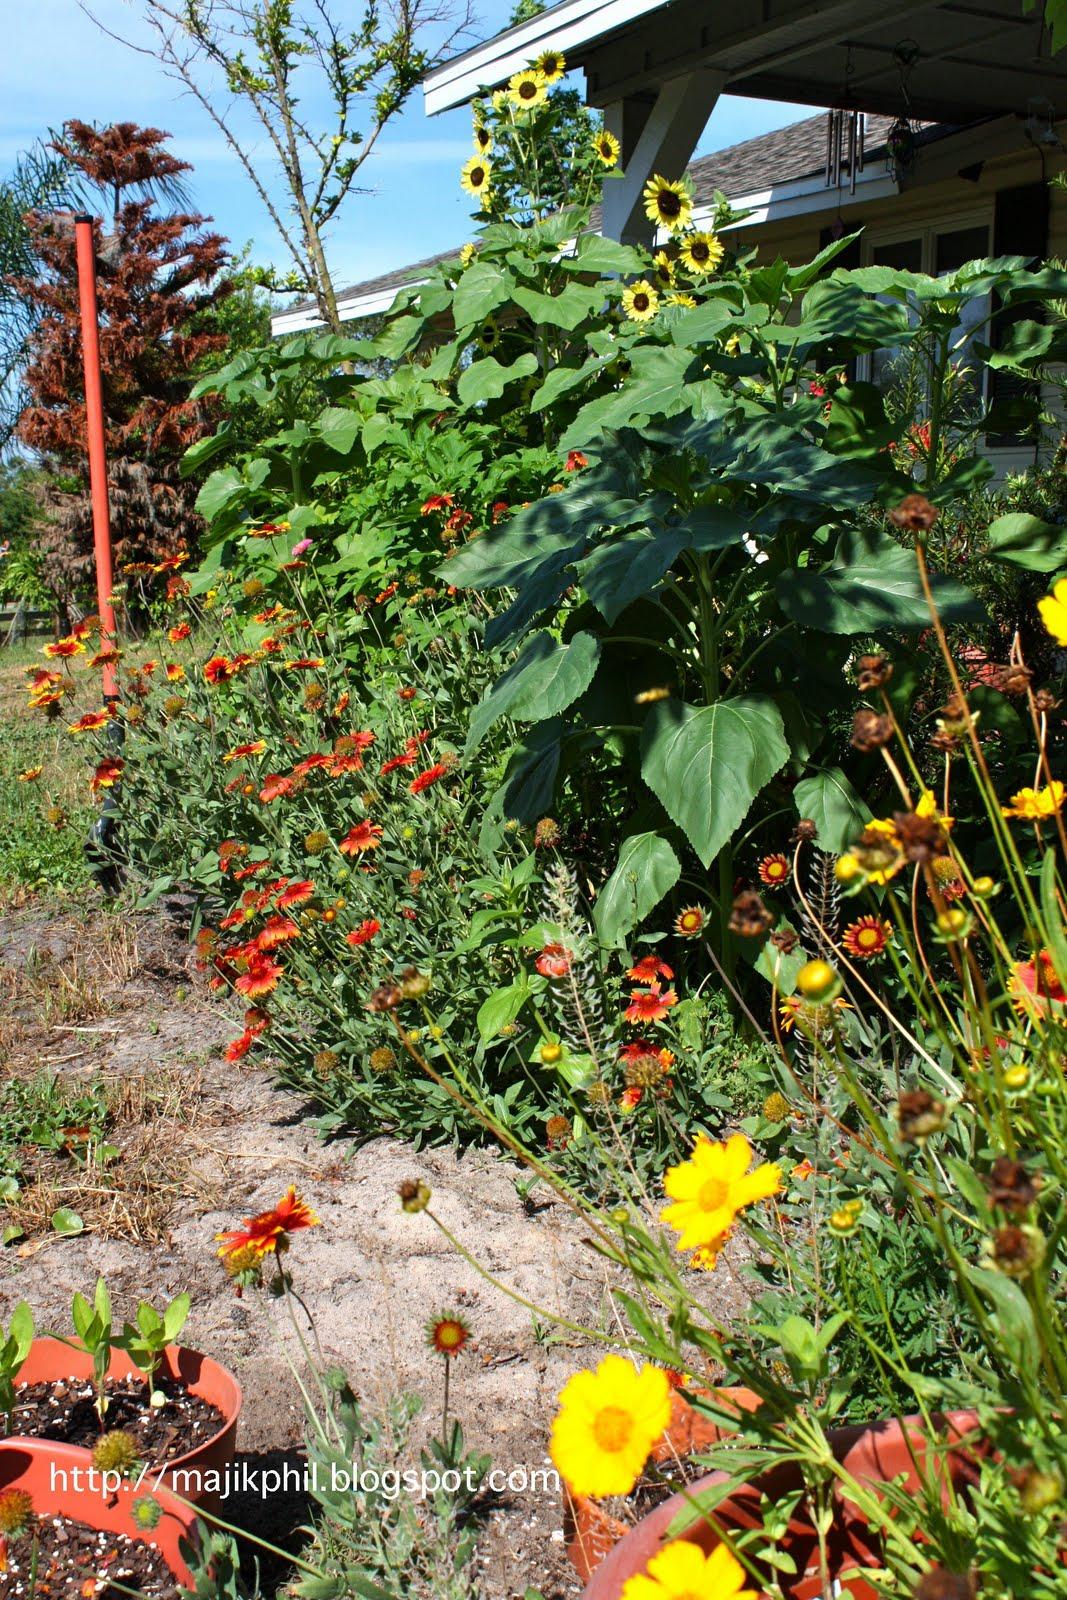 http://1.bp.blogspot.com/_iq35idBHCr0/S_A66MPaZbI/AAAAAAAACOA/FwVThwK9oVI/s1600/Sunflowers%2BMay%2B2010%2BCopyright%2BPhillip%2BLott.jpg